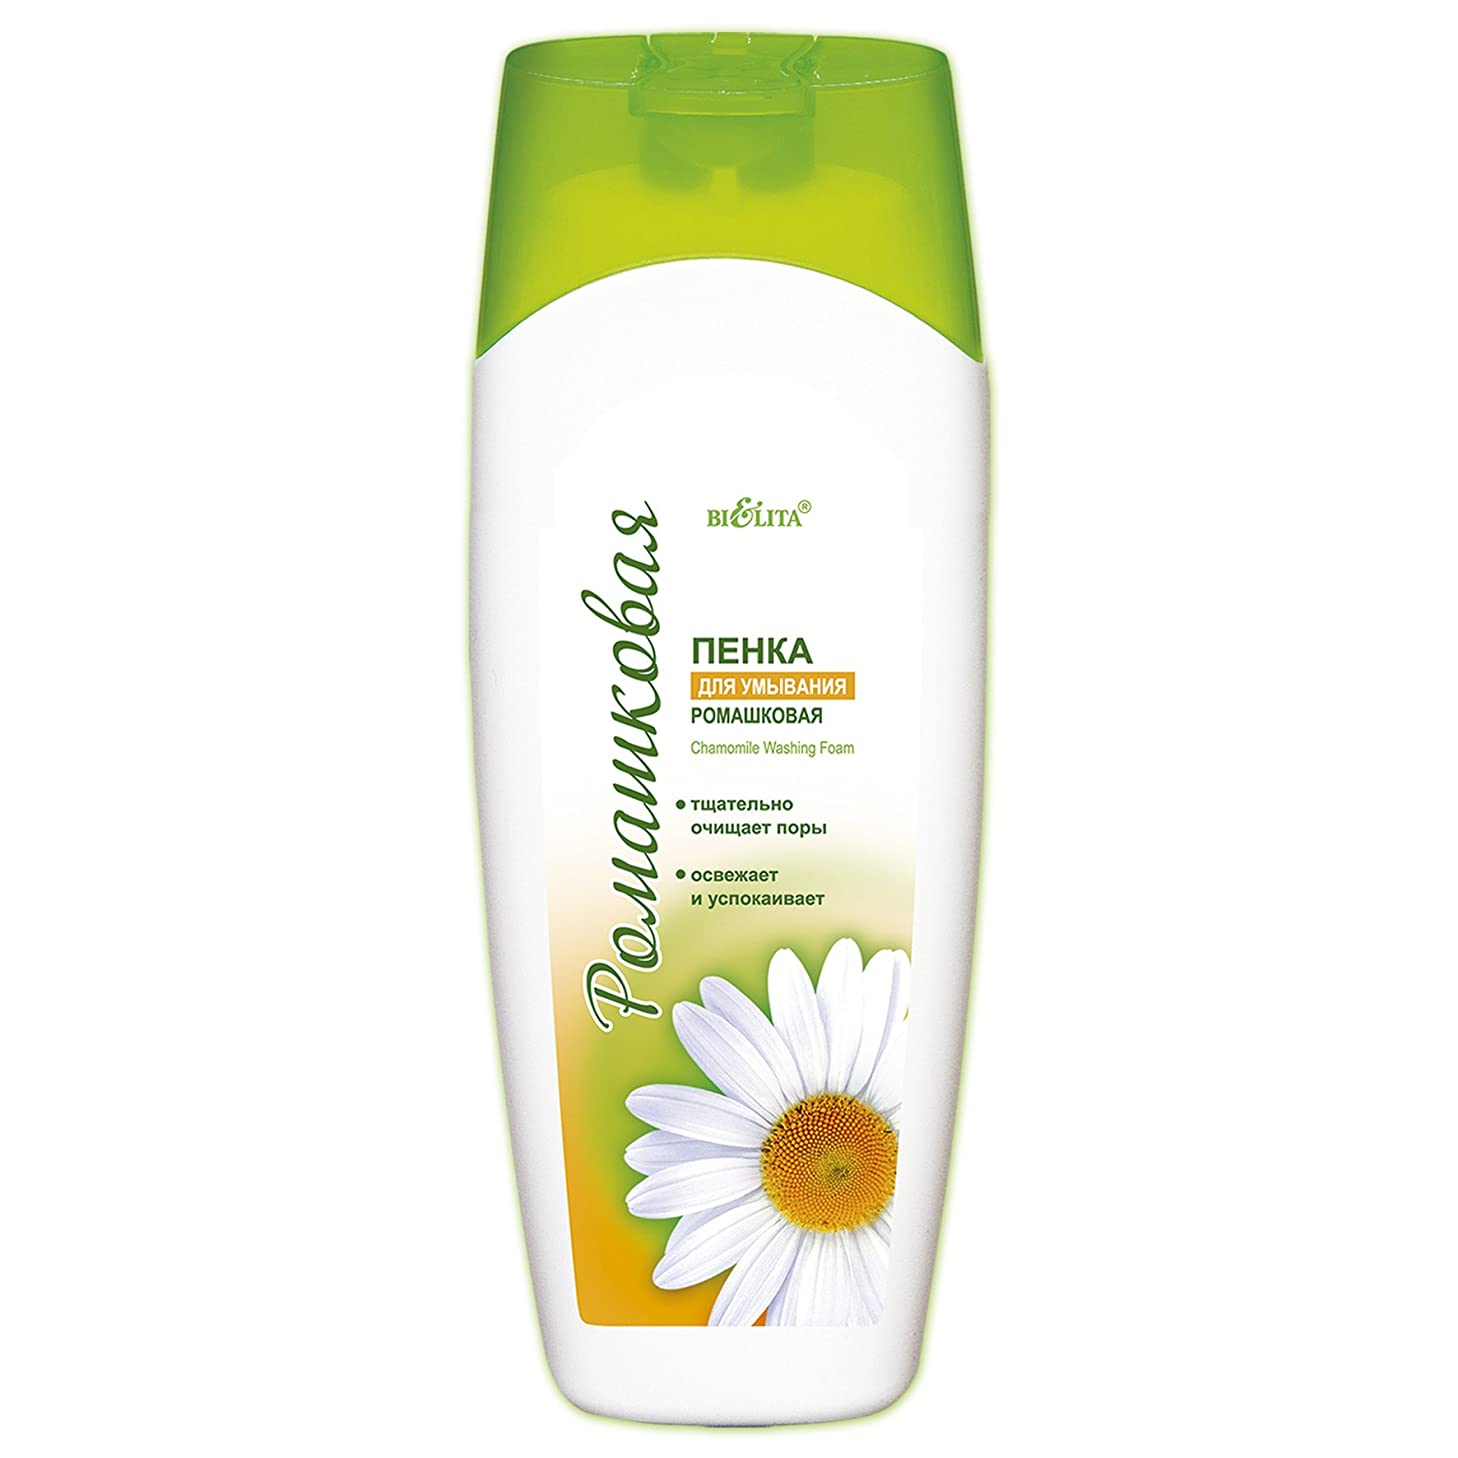 ピジンキャプテンブライ後方にBielita & Vitex | Chamomile Line | Face Clenaser Foam For All Skin Types | Chamomile | Allantoin | Vitamin E | 250 ml